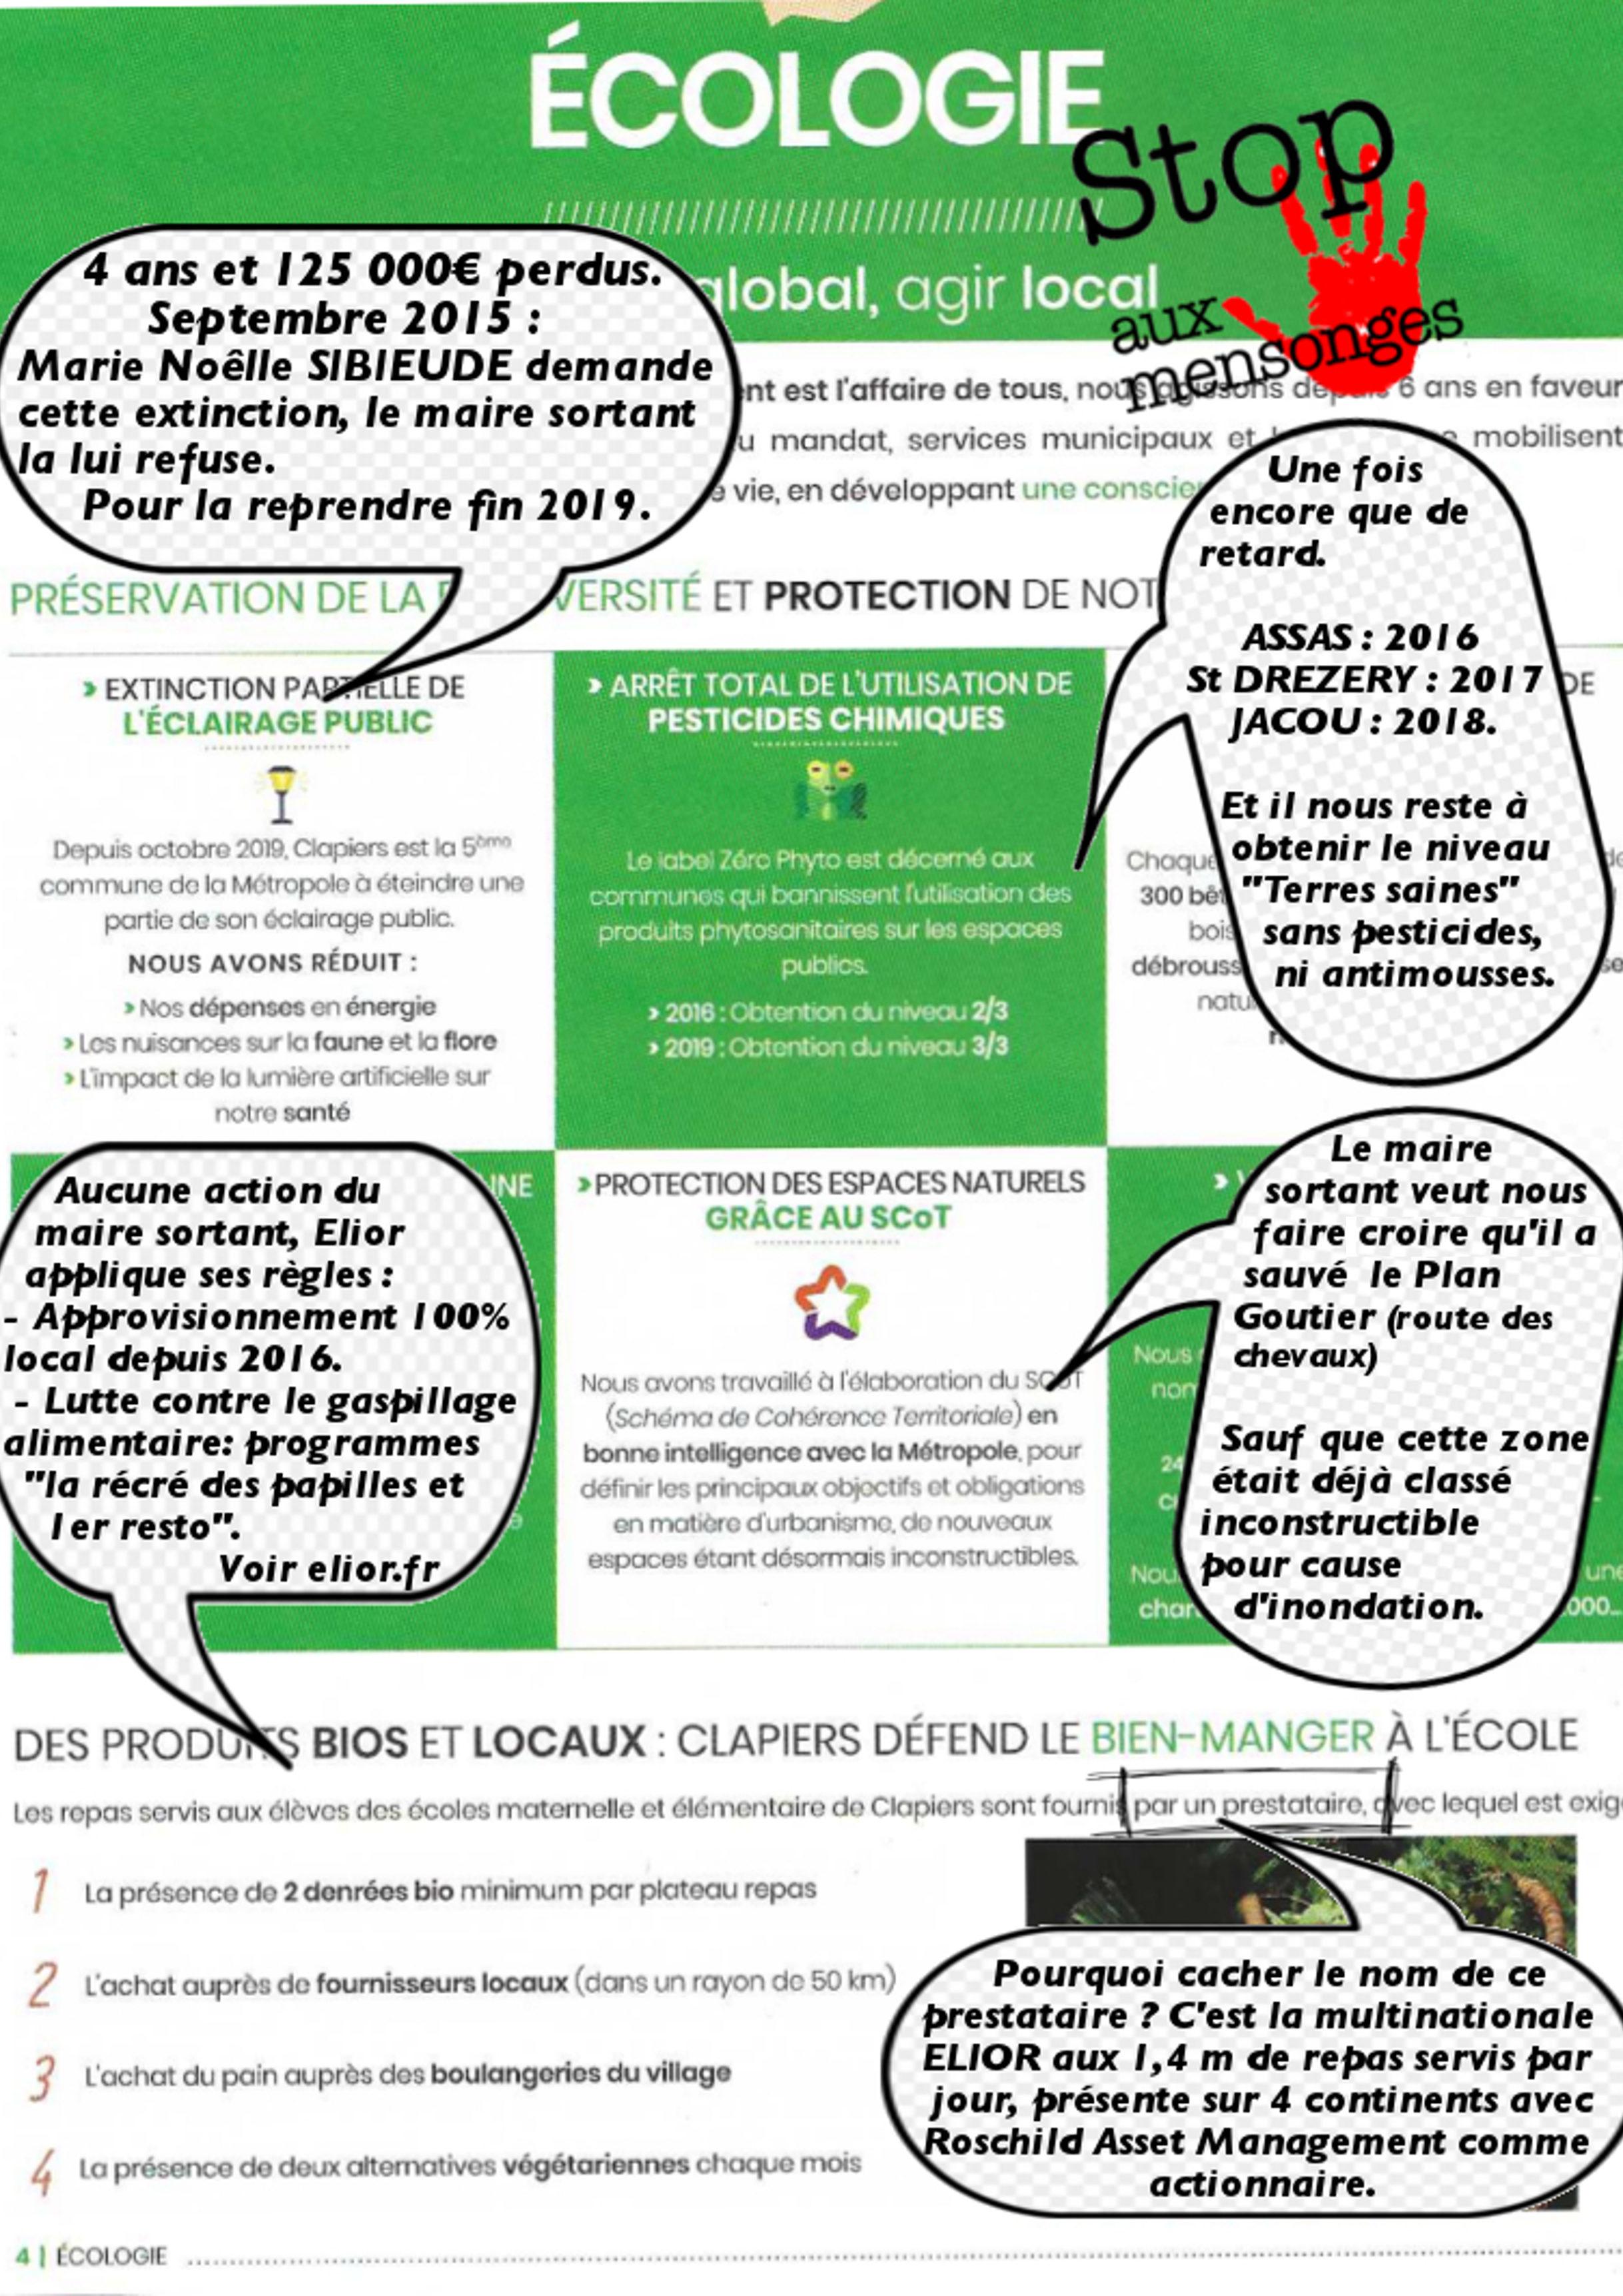 Le contre bilan du maire sortant de Clapiers sur l'écologie - 1/2